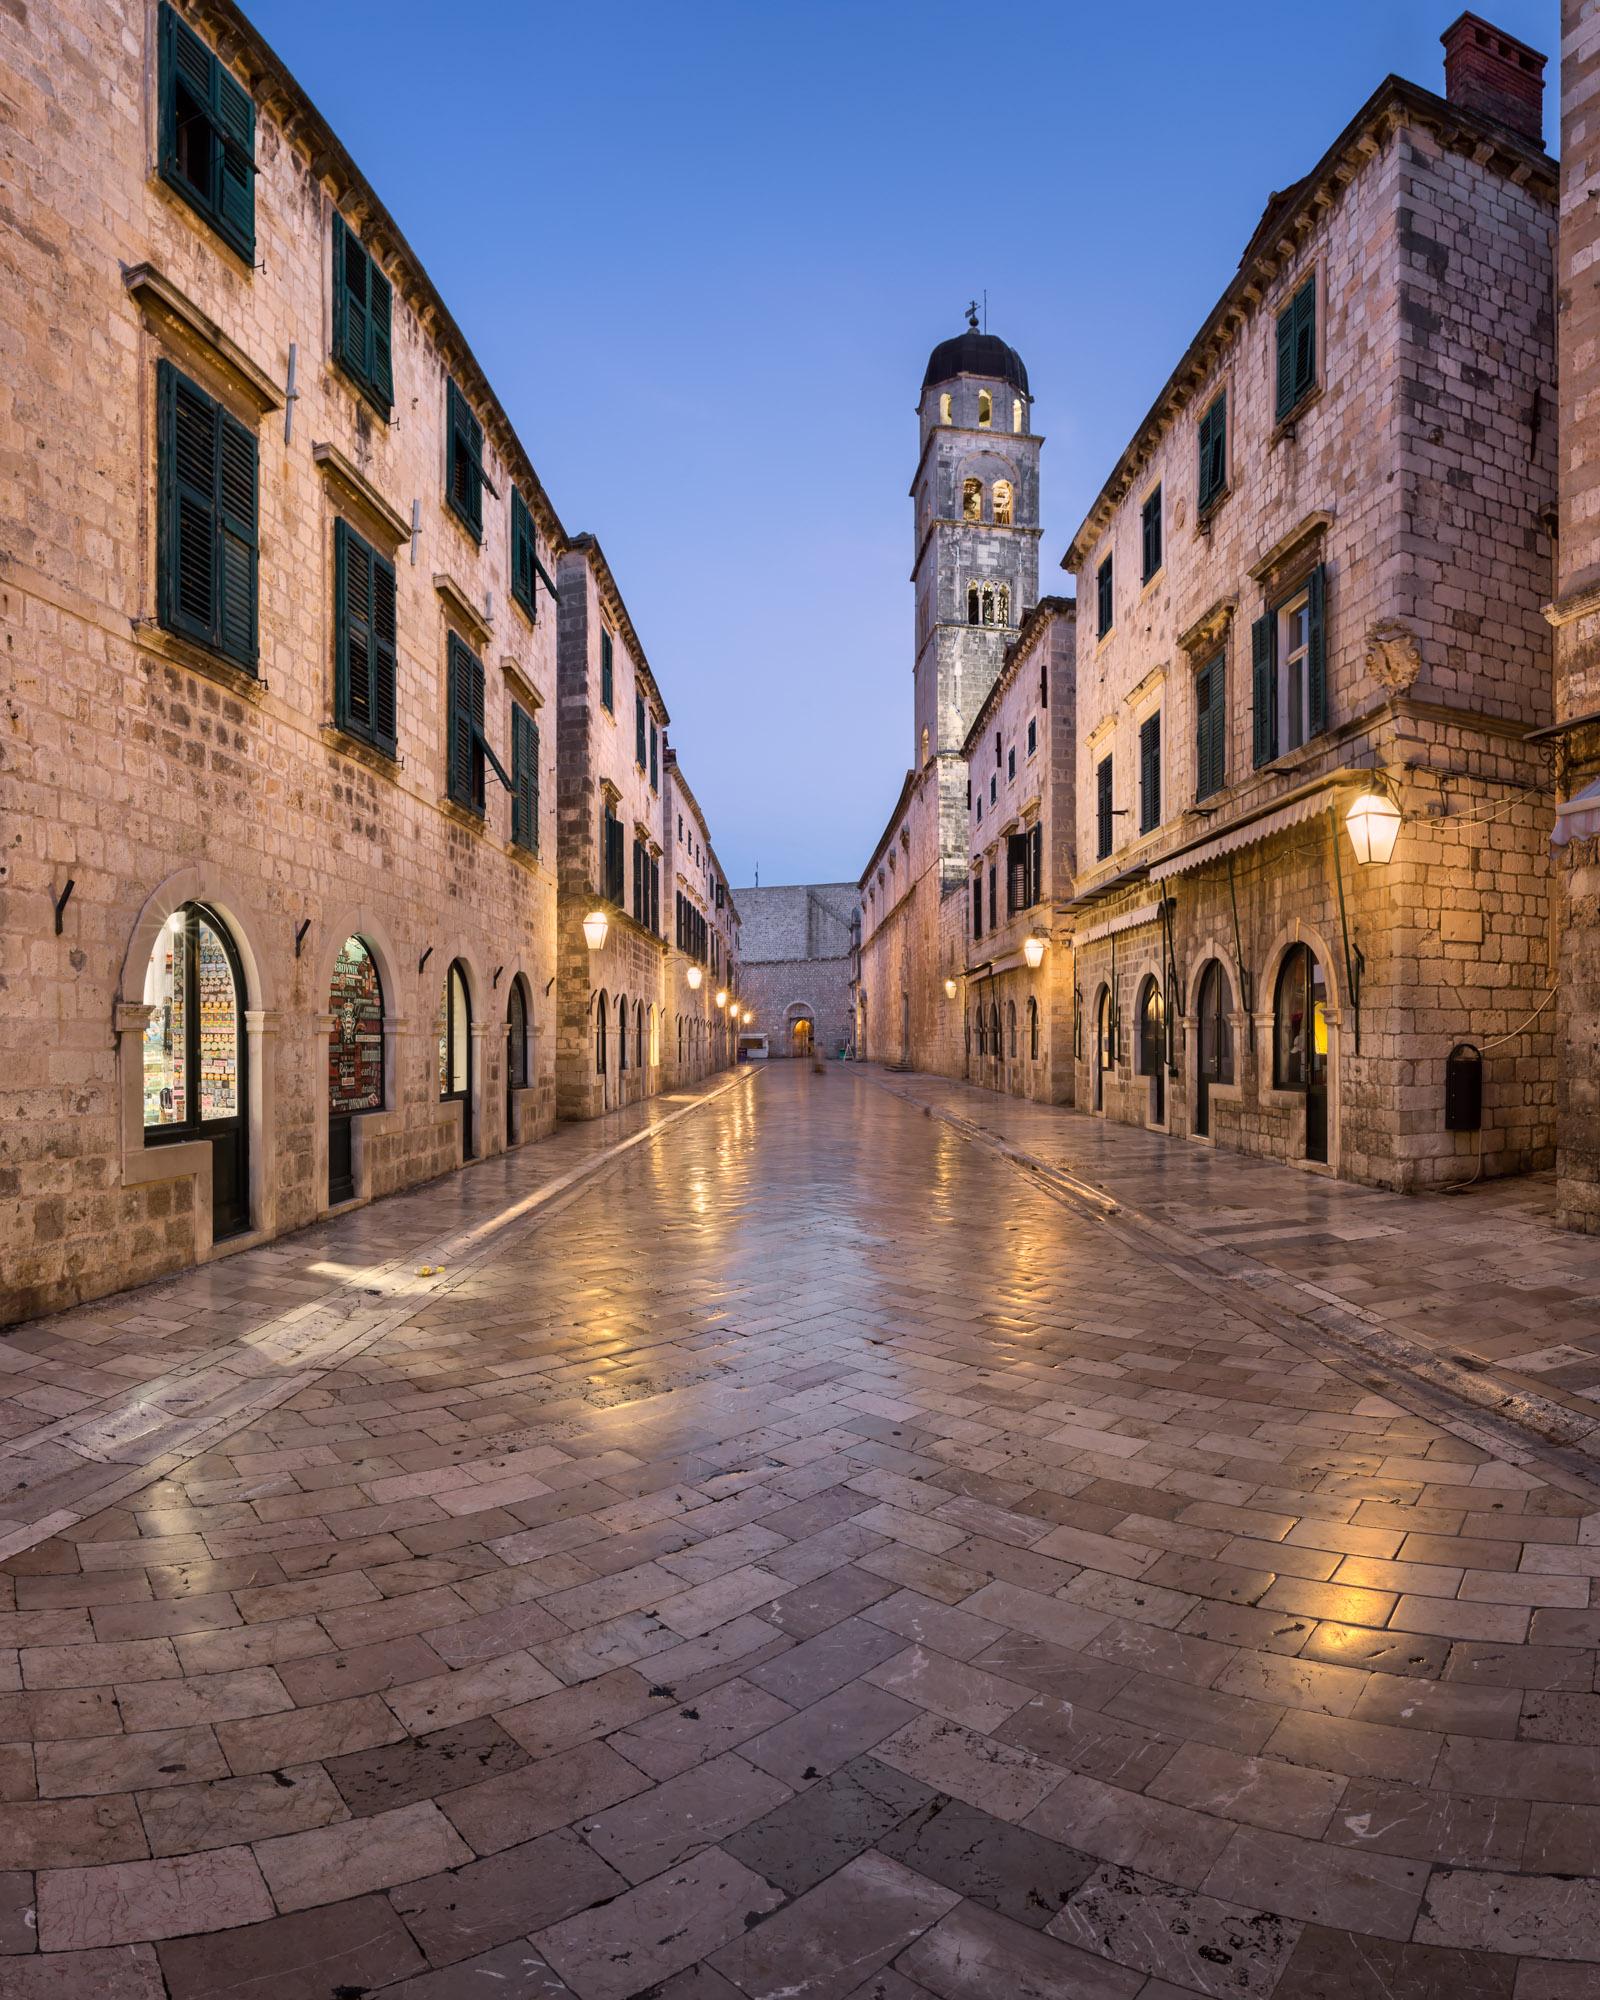 Stradun Street and Holy Saviour Church, Dubrovnik, Croatia